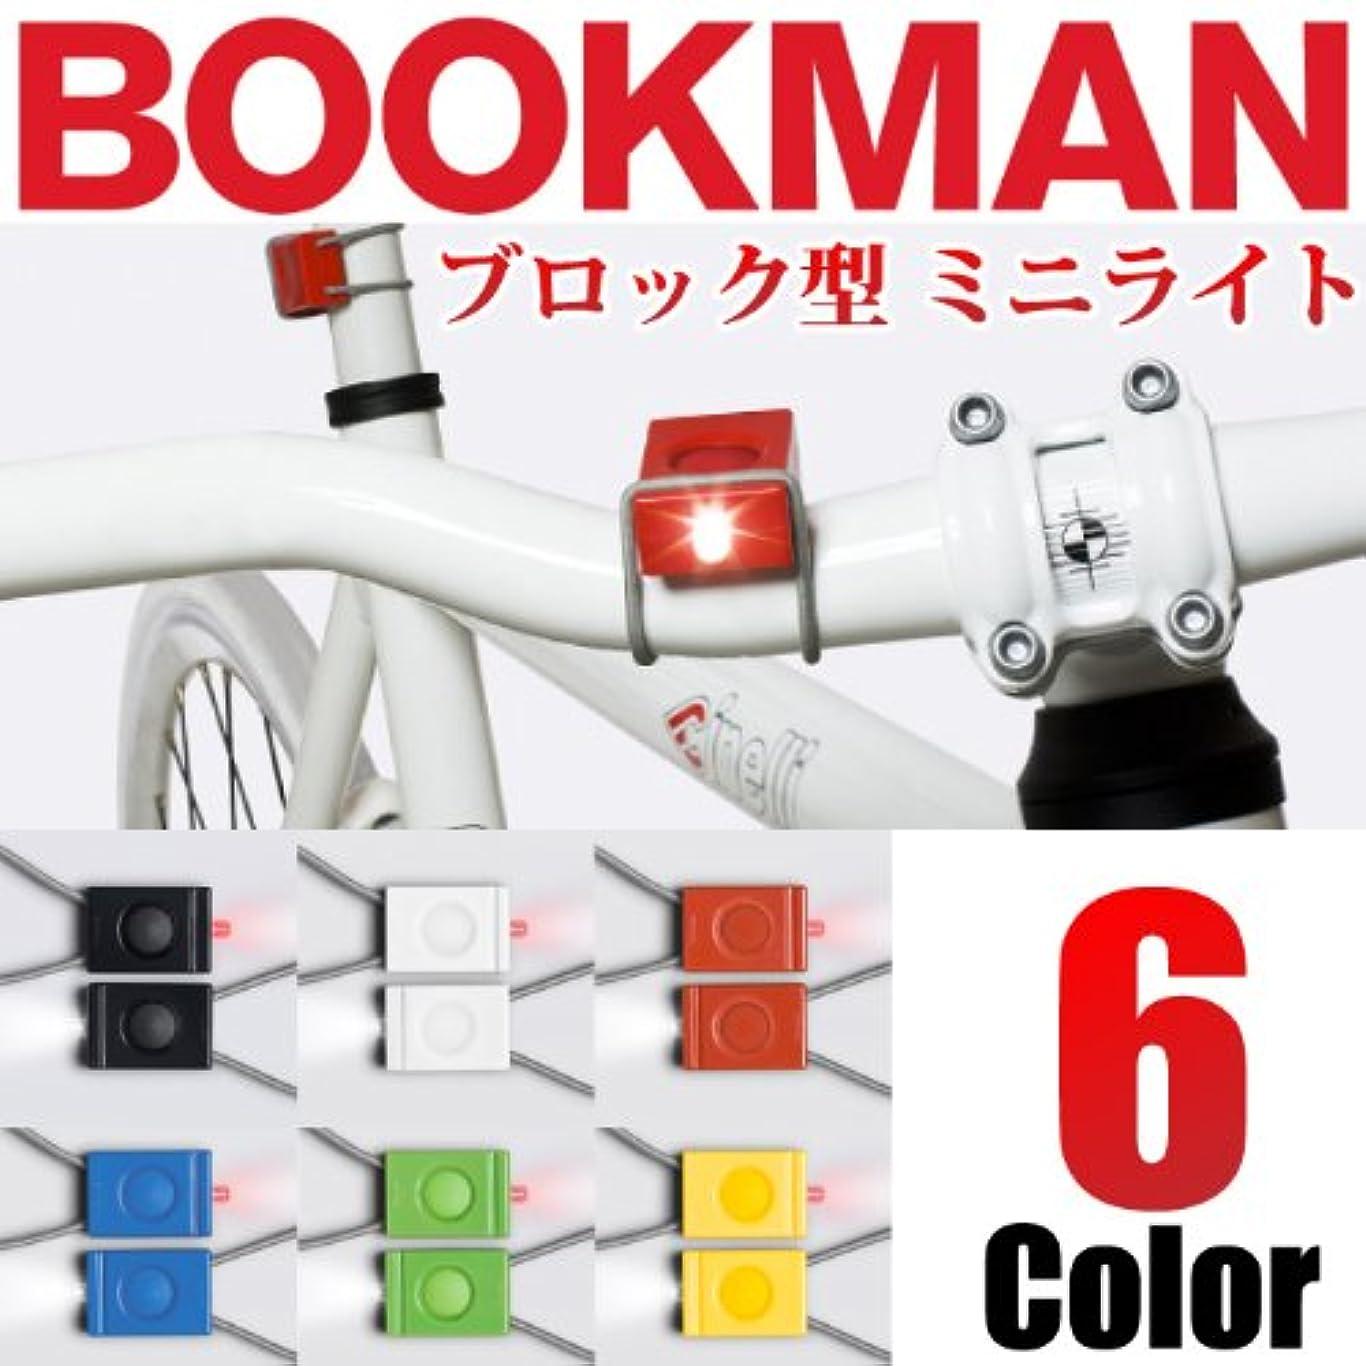 理解する損なう送金BOOKMAN ブックマン 自転車用 LEDライト レッド ホワイト 2コ1セット フロントライト テールライトRED